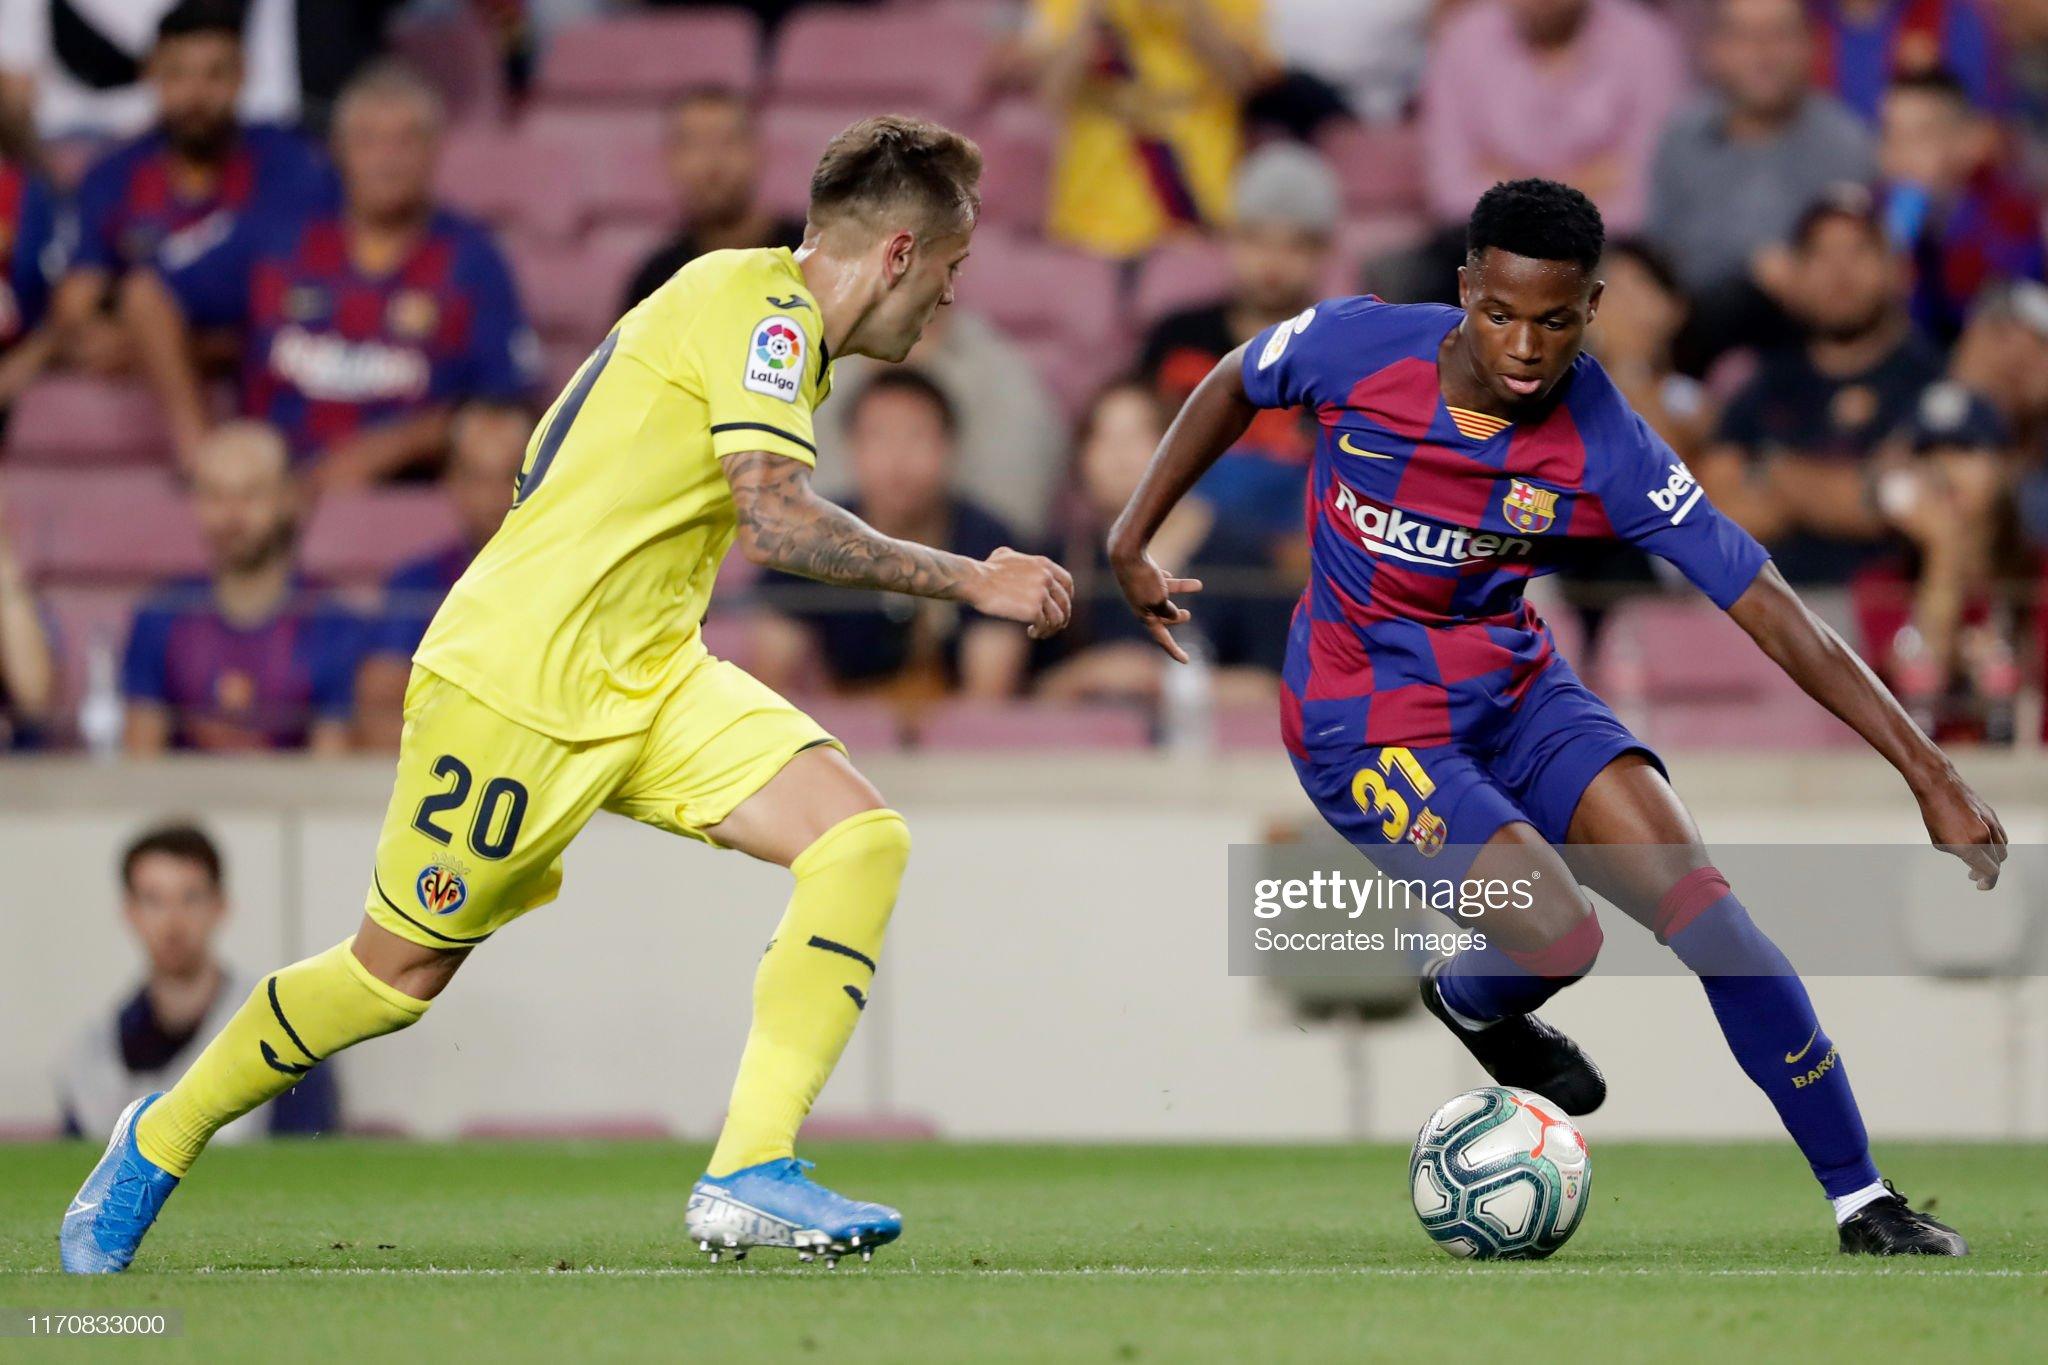 صور مباراة : برشلونة - فياريال 2-1 ( 24-09-2019 )  Sergi-roberto-of-fc-barcelona-ansu-fati-of-fc-barcelona-during-the-la-picture-id1170833000?s=2048x2048